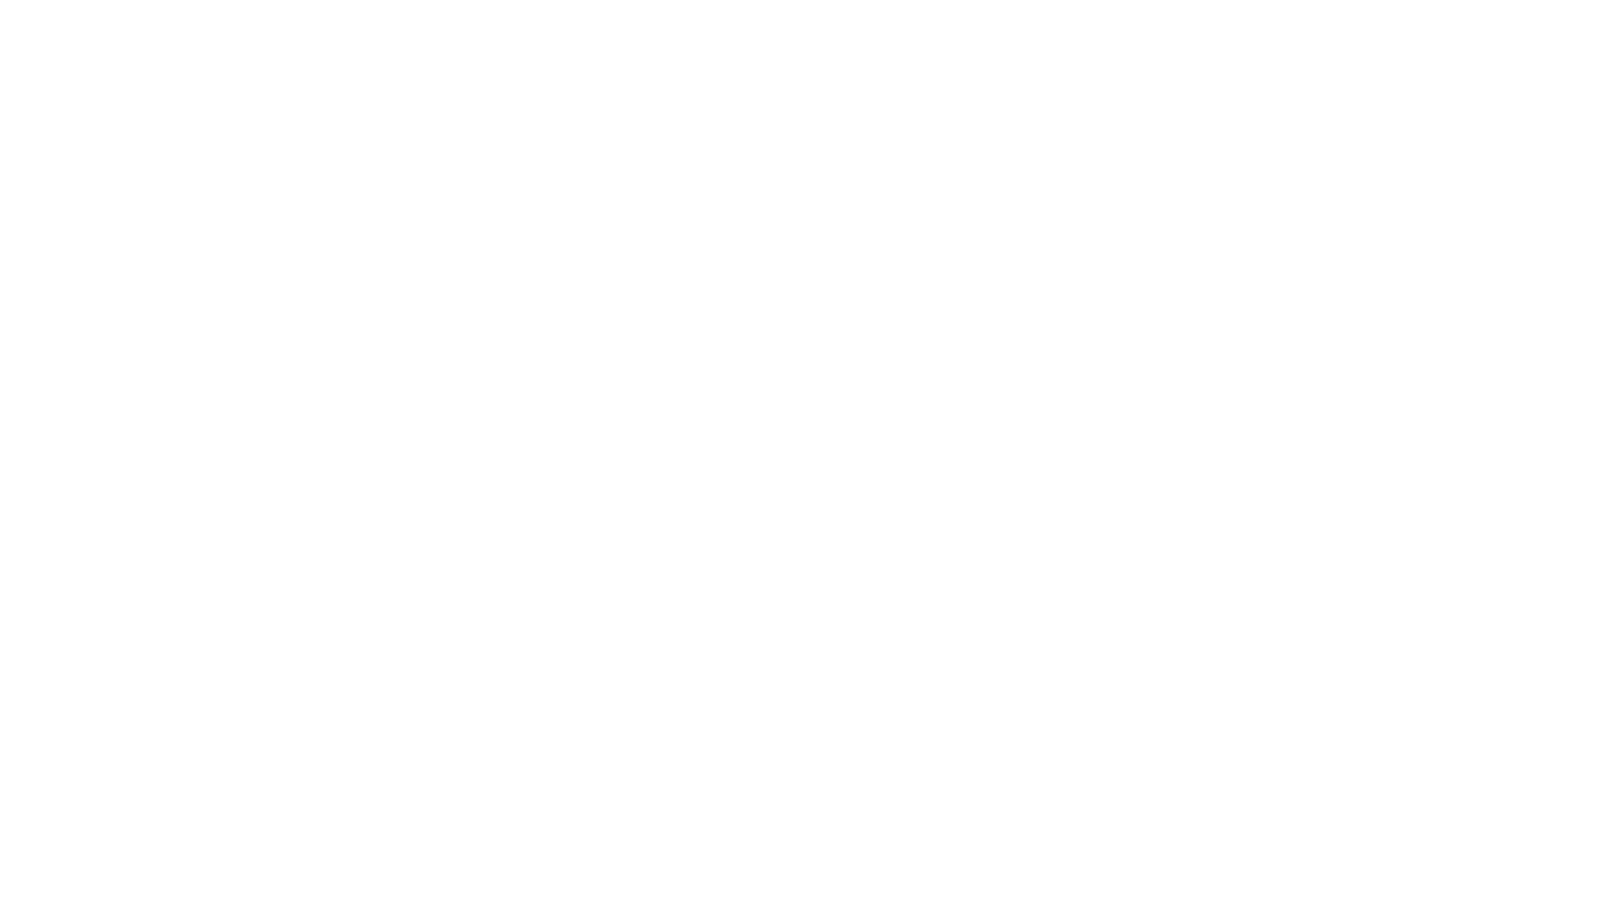 Волочиська дитяча школа мистецтв… Із нею пов'язані найкращі дитячі спогади багатьох людей у нашому місті. Старше покоління пам'ятає ще «стару» музичну школу, класи якої розміщувалися у будівлі сучасної редакції газети «Зоря», а концертний зал – поруч, де раніше була споруда ще «дореволюційного» кінотеатру «Ілюзіон». Школу відкрили за сприяння тодішнього керівника району Макара Починка у далекому 1965-му році.⠀ ⠀А із 1986 р. заклад отримав нову споруду із просторими класами по вулиці Лисенка, поруч із парковою зоною. Тоді тут працювали три окремі школи – музична, художня та хореографічна. Згодом, у 1993 році, їх об'єднали у дитячу школу мистецтв.⠀ Понад 500 учнів навчаються сьогодні на 3-ох відділеннях – музичному, хореографічному та художньому.⠀ ⠀Випускниками школи були Заслужений діяч мистецтв України, лауреат Національної премії України ім. Т.Г.Шевченка Володимир Гронський, Заслужений артист України Юрій Федоров, Заслужений діяч мистецтв України Олександр Дудар, Заслужений артист Росії Юхим Зіцерман, доктор педагогічних наук, професор Володимир Чайка,  лауреат Міжнародних конкурсів, концертмейстер Національної музичної академії ім. П.Чайковського Денис Яворський, багато інших відомих артистів, діячів культури і мистецтва.⠀ ⠀Учні і колективи ДШМ представляли Волочиськ на сценах багатьох міст України та за її межами, ставали лауреатами фестивалів і конкурсів, виставок, учасниками культурних подій.  #фактиВолочиськ